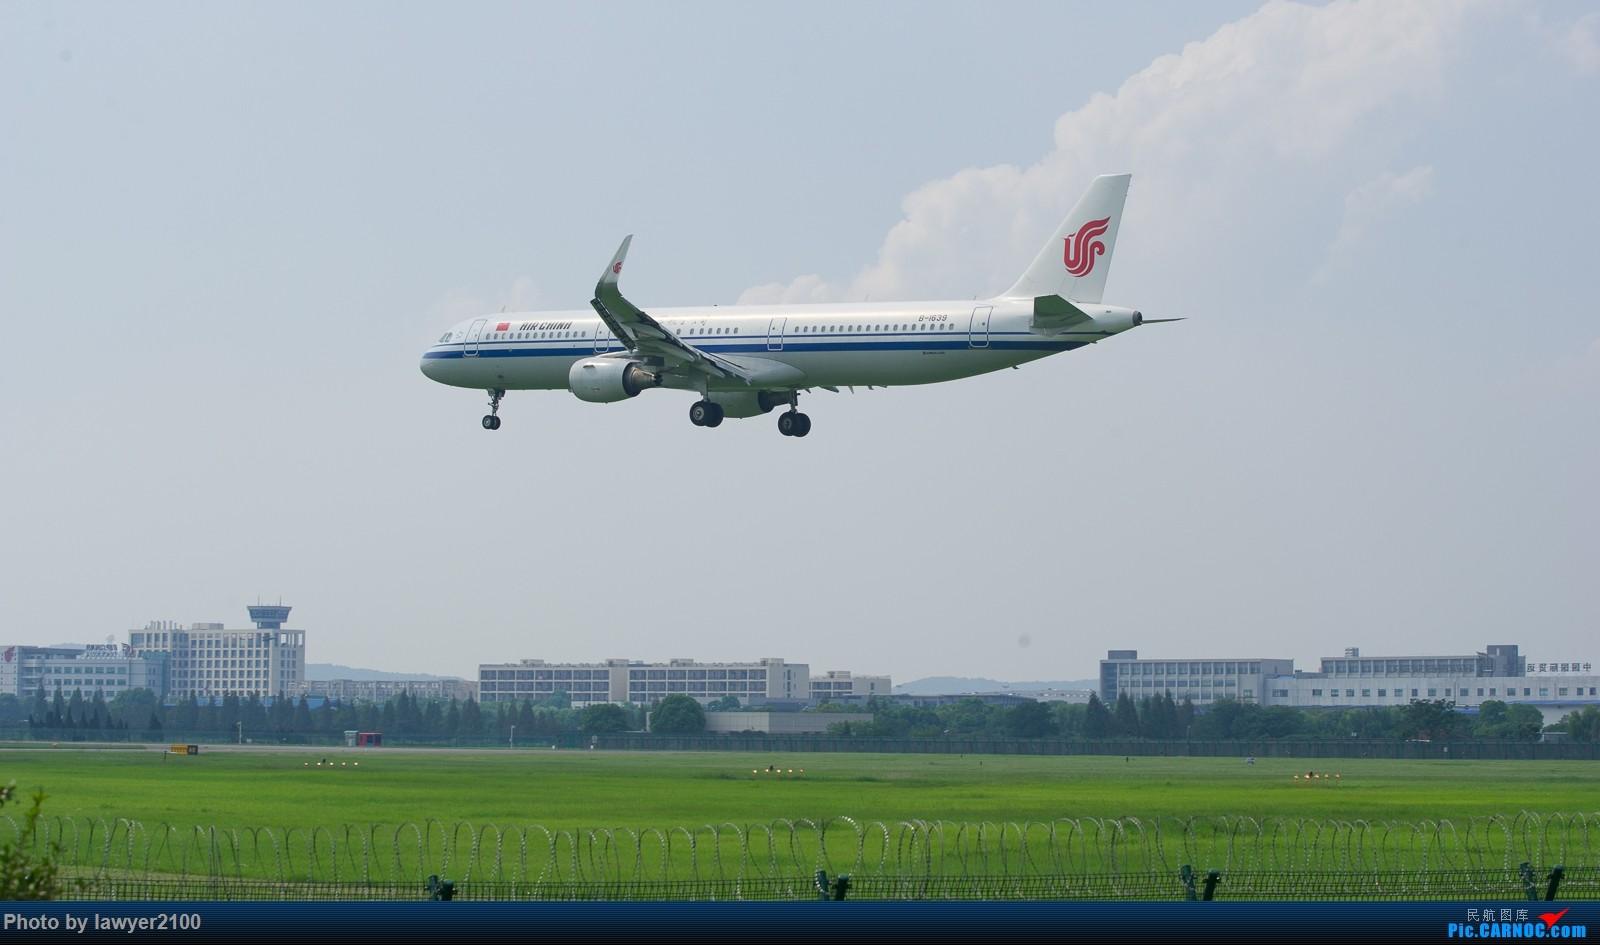 Re:[原创]HGH,一组落地背影 AIRBUS A321-200 B-1639 中国杭州萧山国际机场